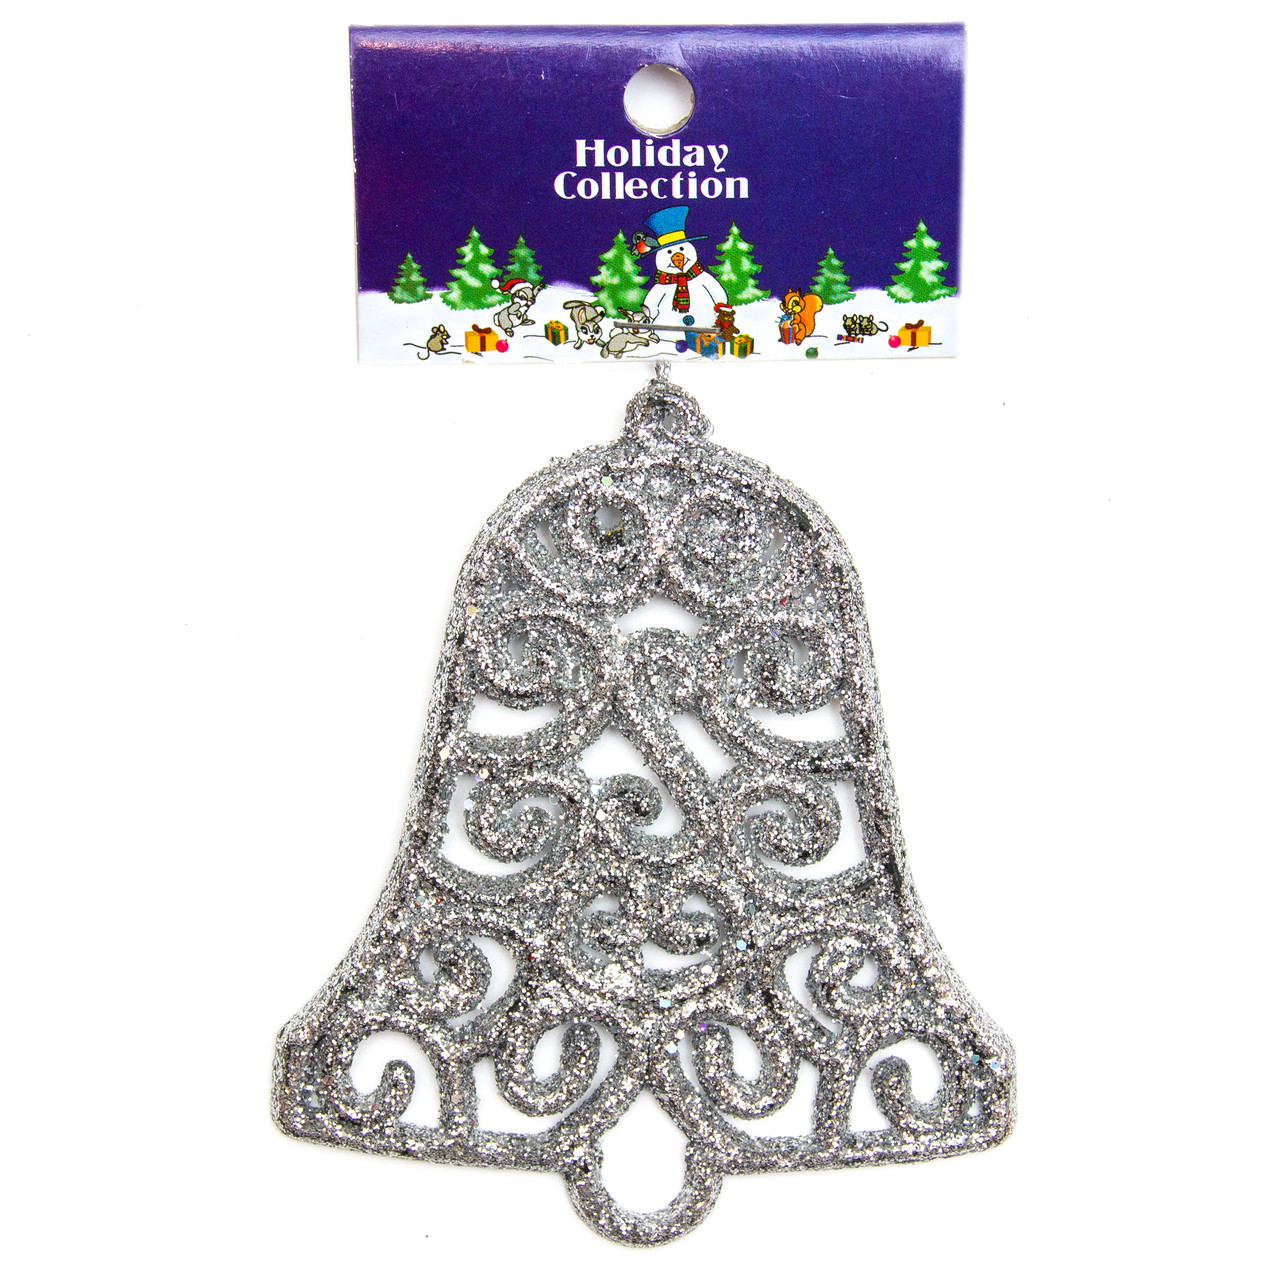 Елочная игрушка - серебряный колокольчик, 10см (000678-5)